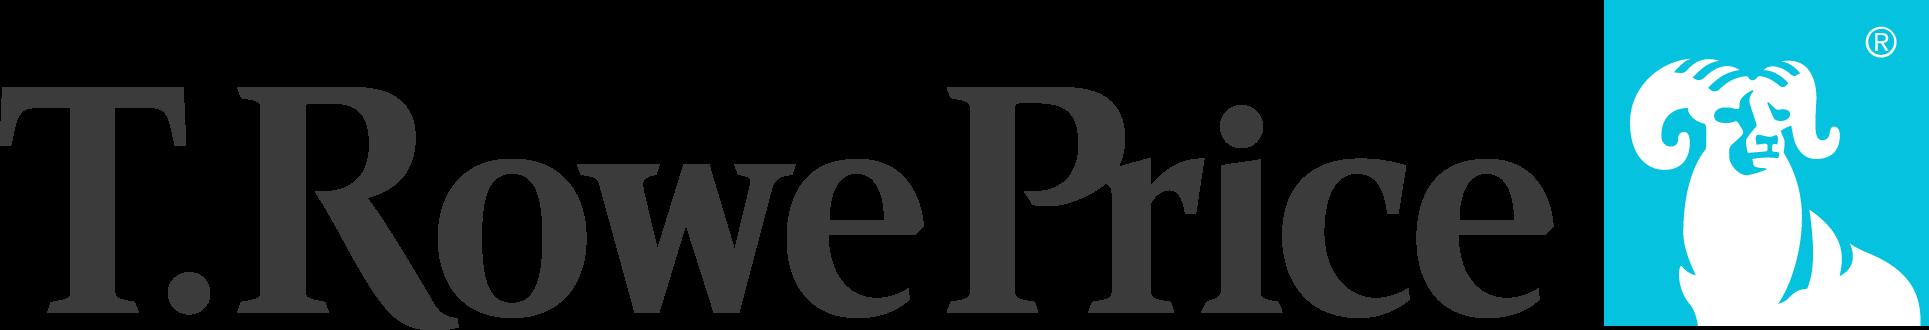 trp_logo_lg.png